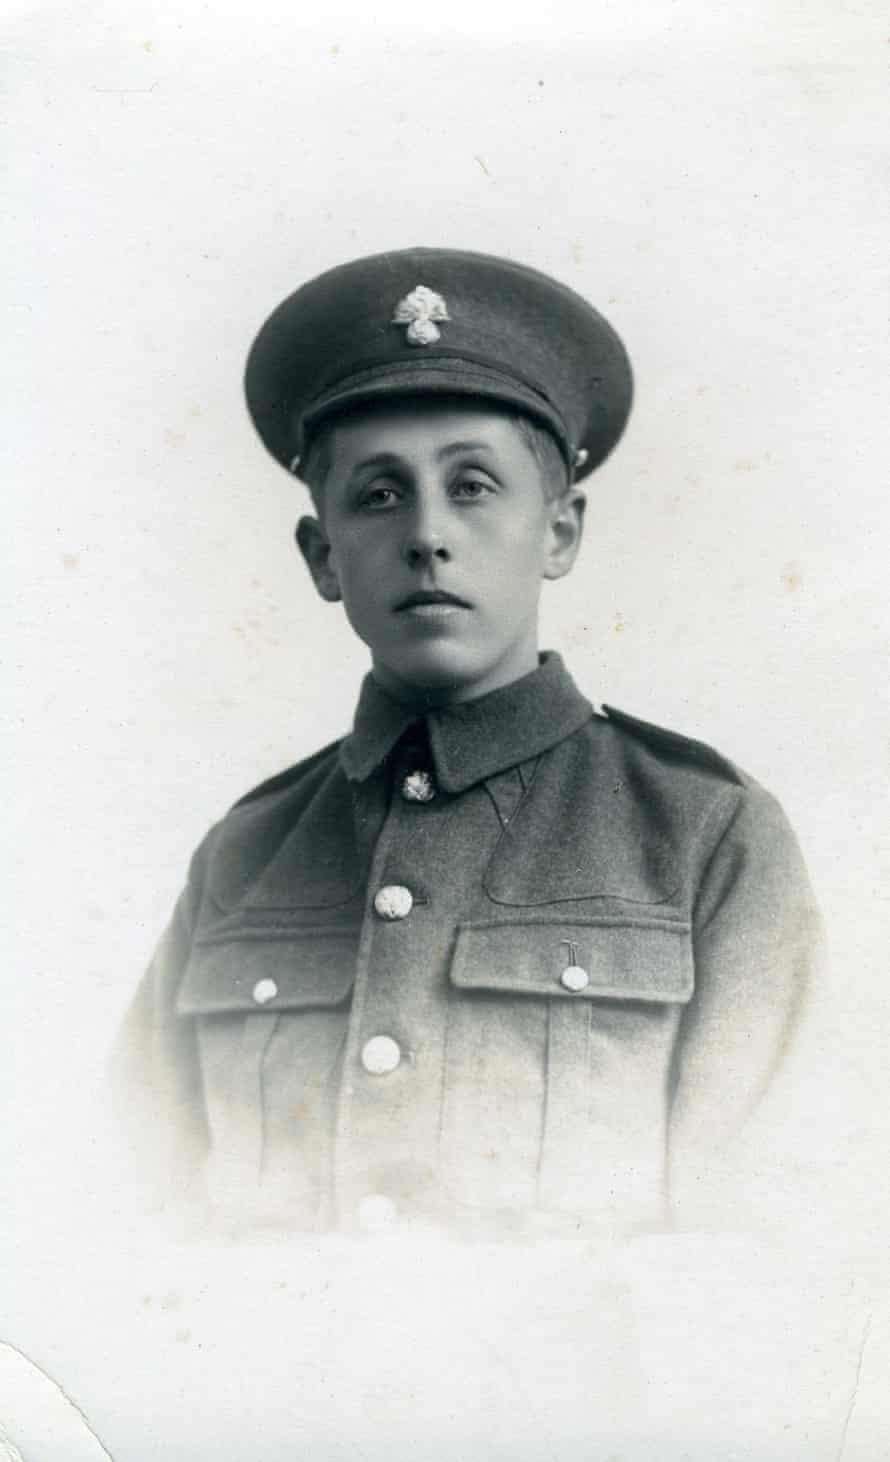 Herbert Scott in uniform.